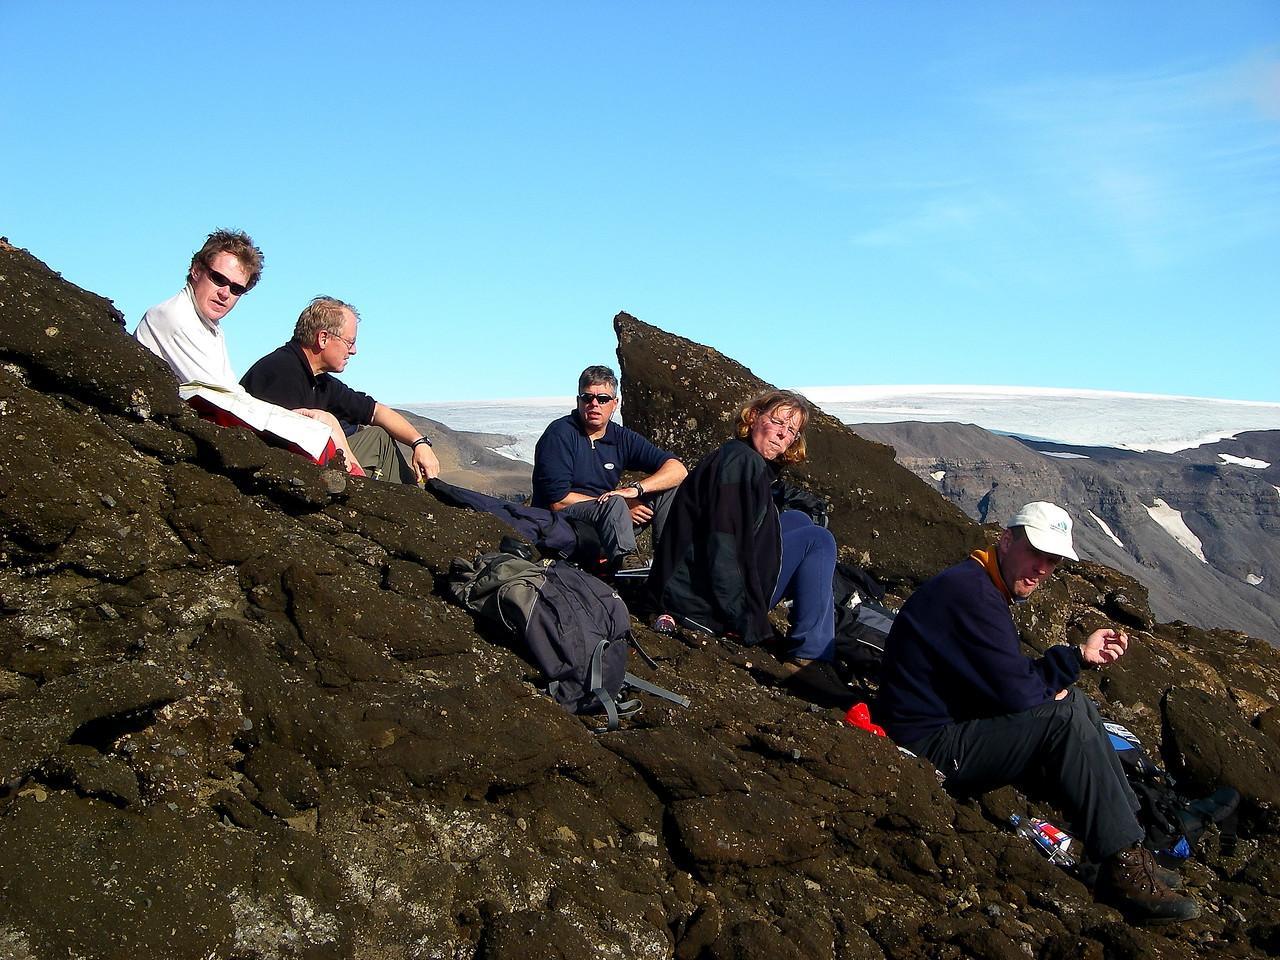 Fallegur síðsumardagur, Þórisjökull í baksýn.